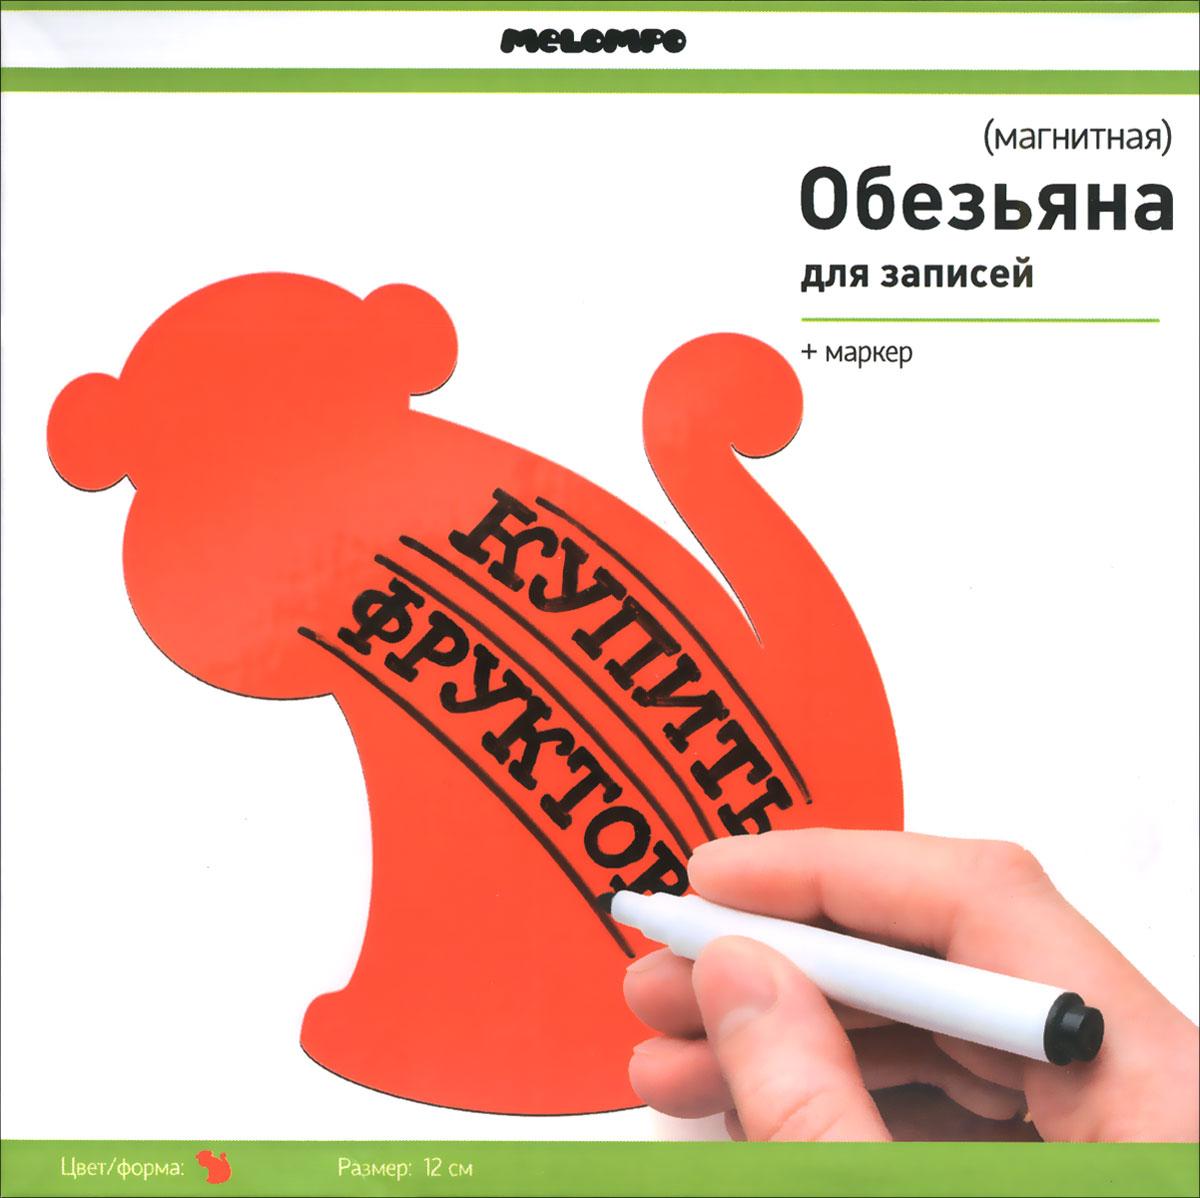 Памятка маркерная Melompo Обезьяна, 12 х 12 см610842Магнитная доска на холодильник Melompo Обезьяна - оригинальная вещь для ежедневных посланий родным и близким. Доска выполнена в виде обезьяны.В комплект входят:памятка - легко примагничивается и просто снимается;маркер - прекрасно пишет и так же хорошо стирается;держатель - позволит примагнитить памятку к неметаллической поверхности.